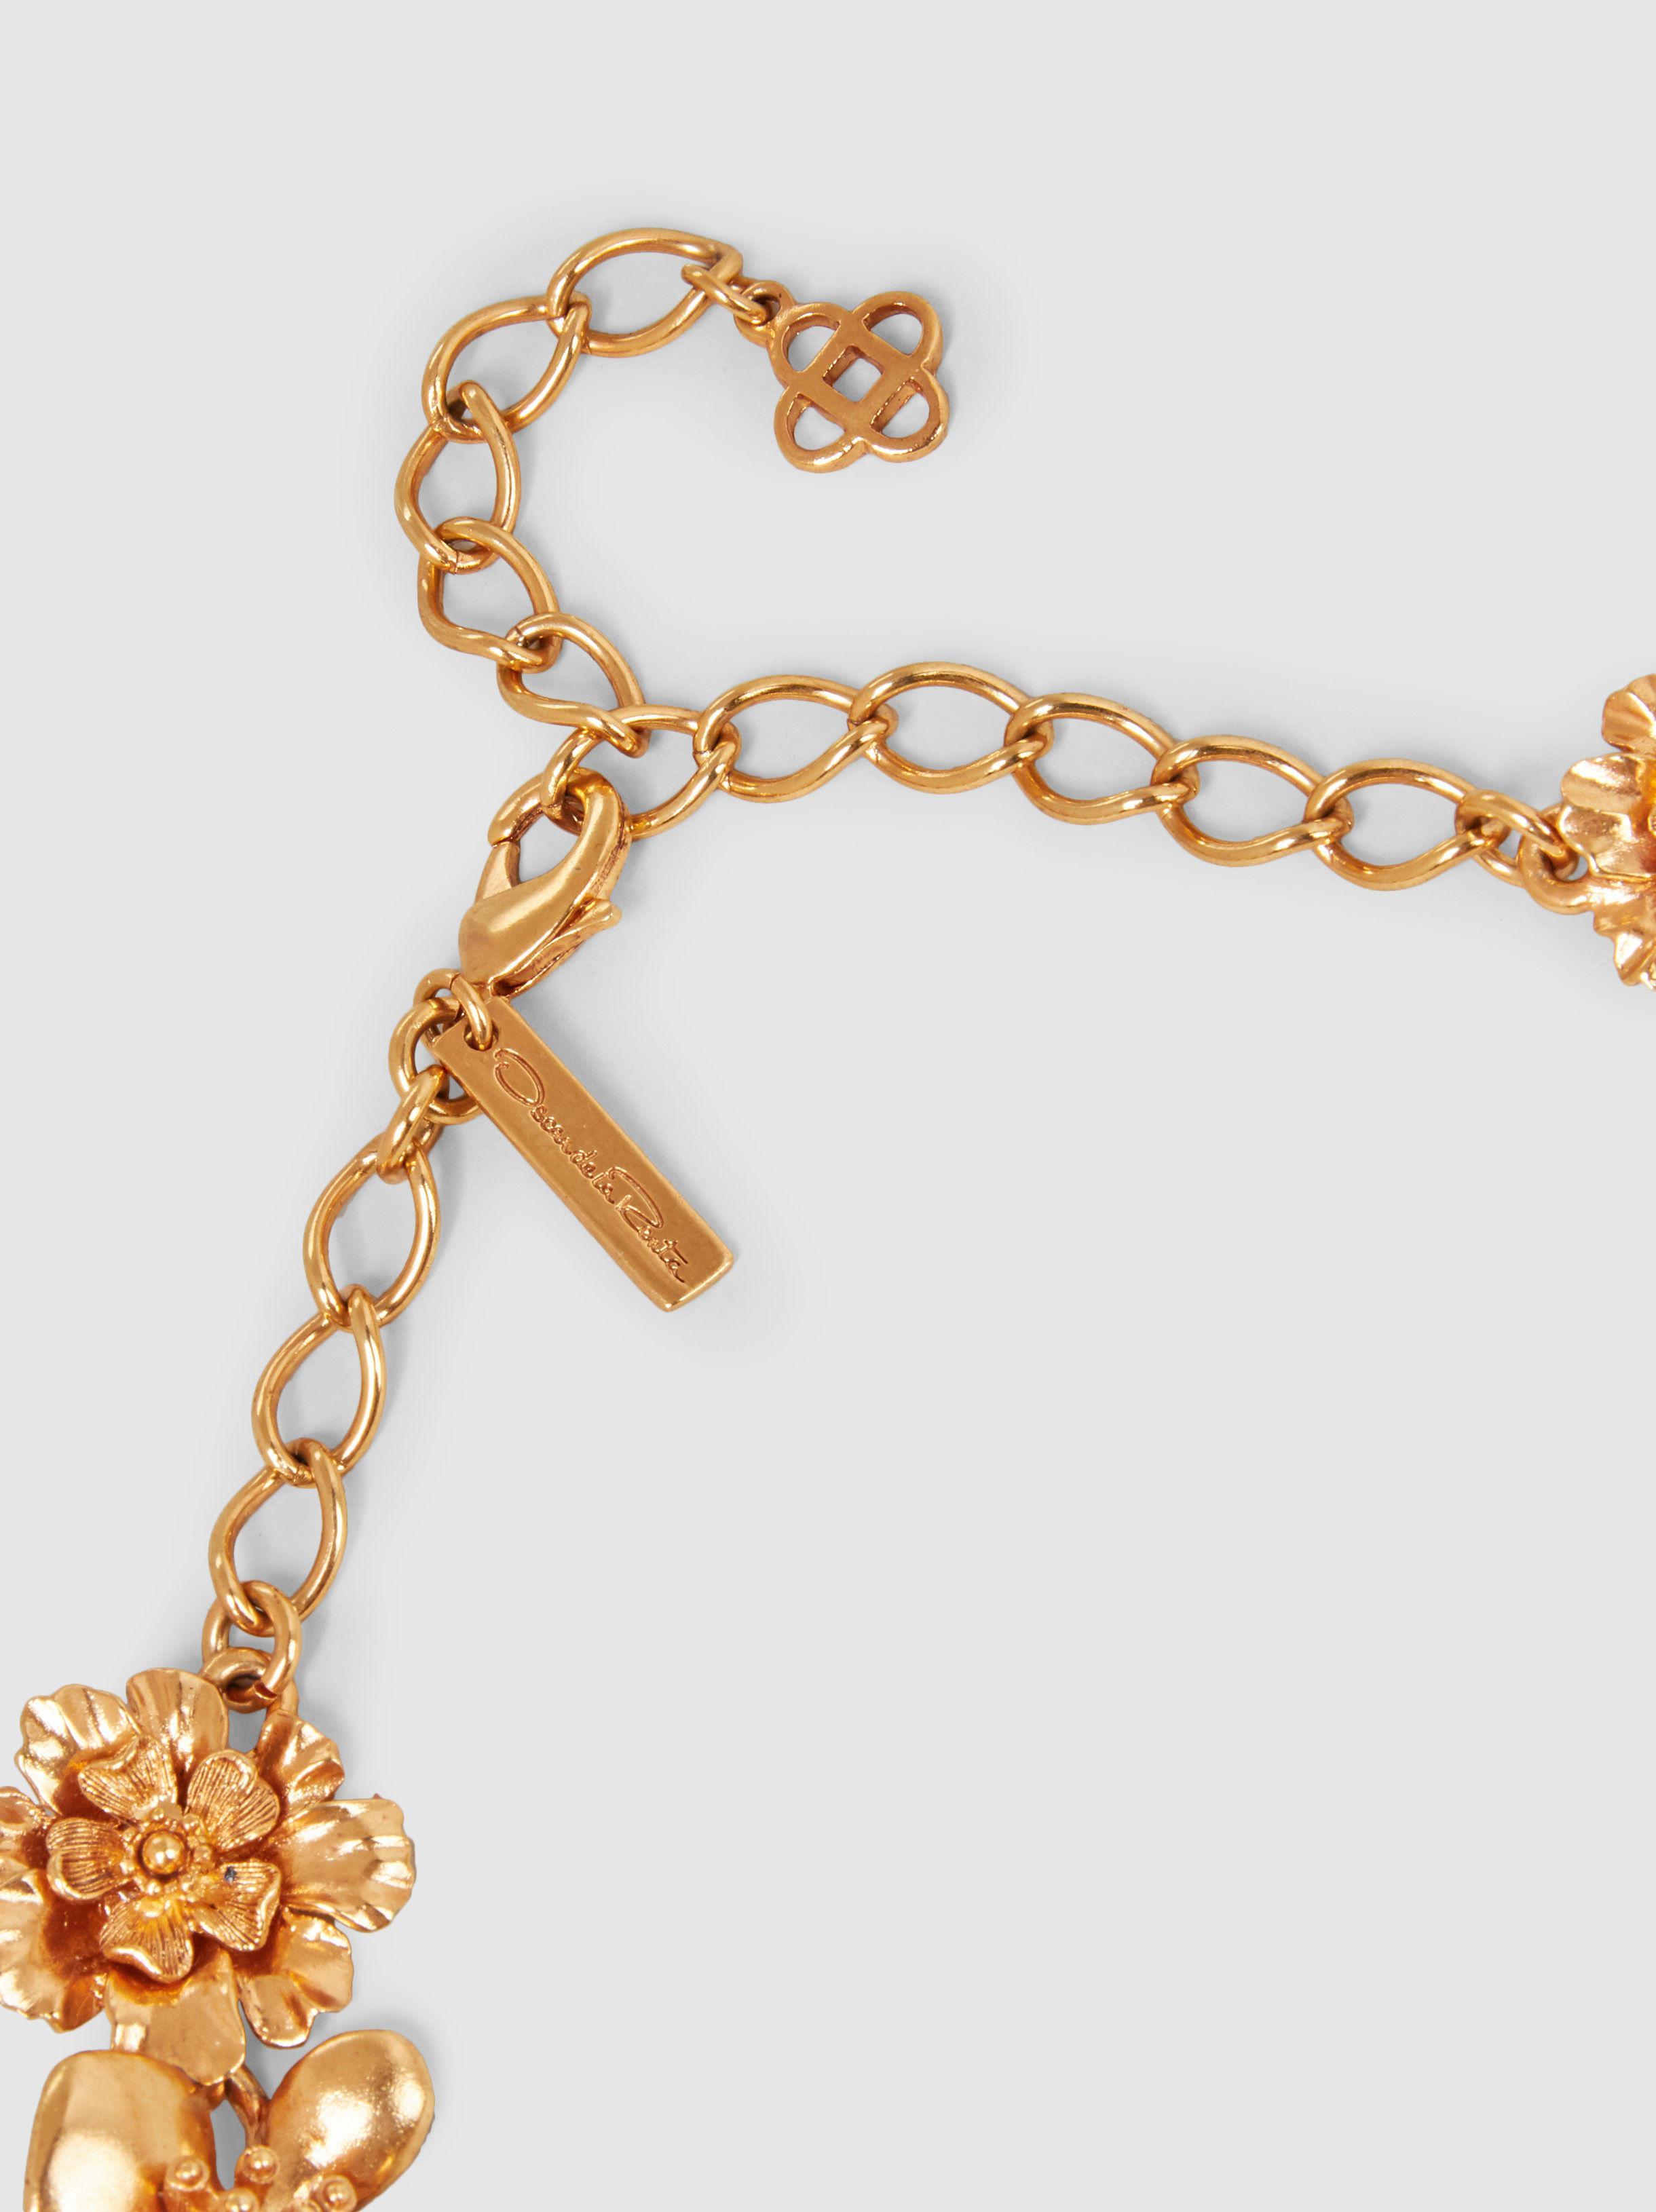 Oscar De La Renta Blooming Bold Flower Gold-Tone Necklace WfyeiUiLlx